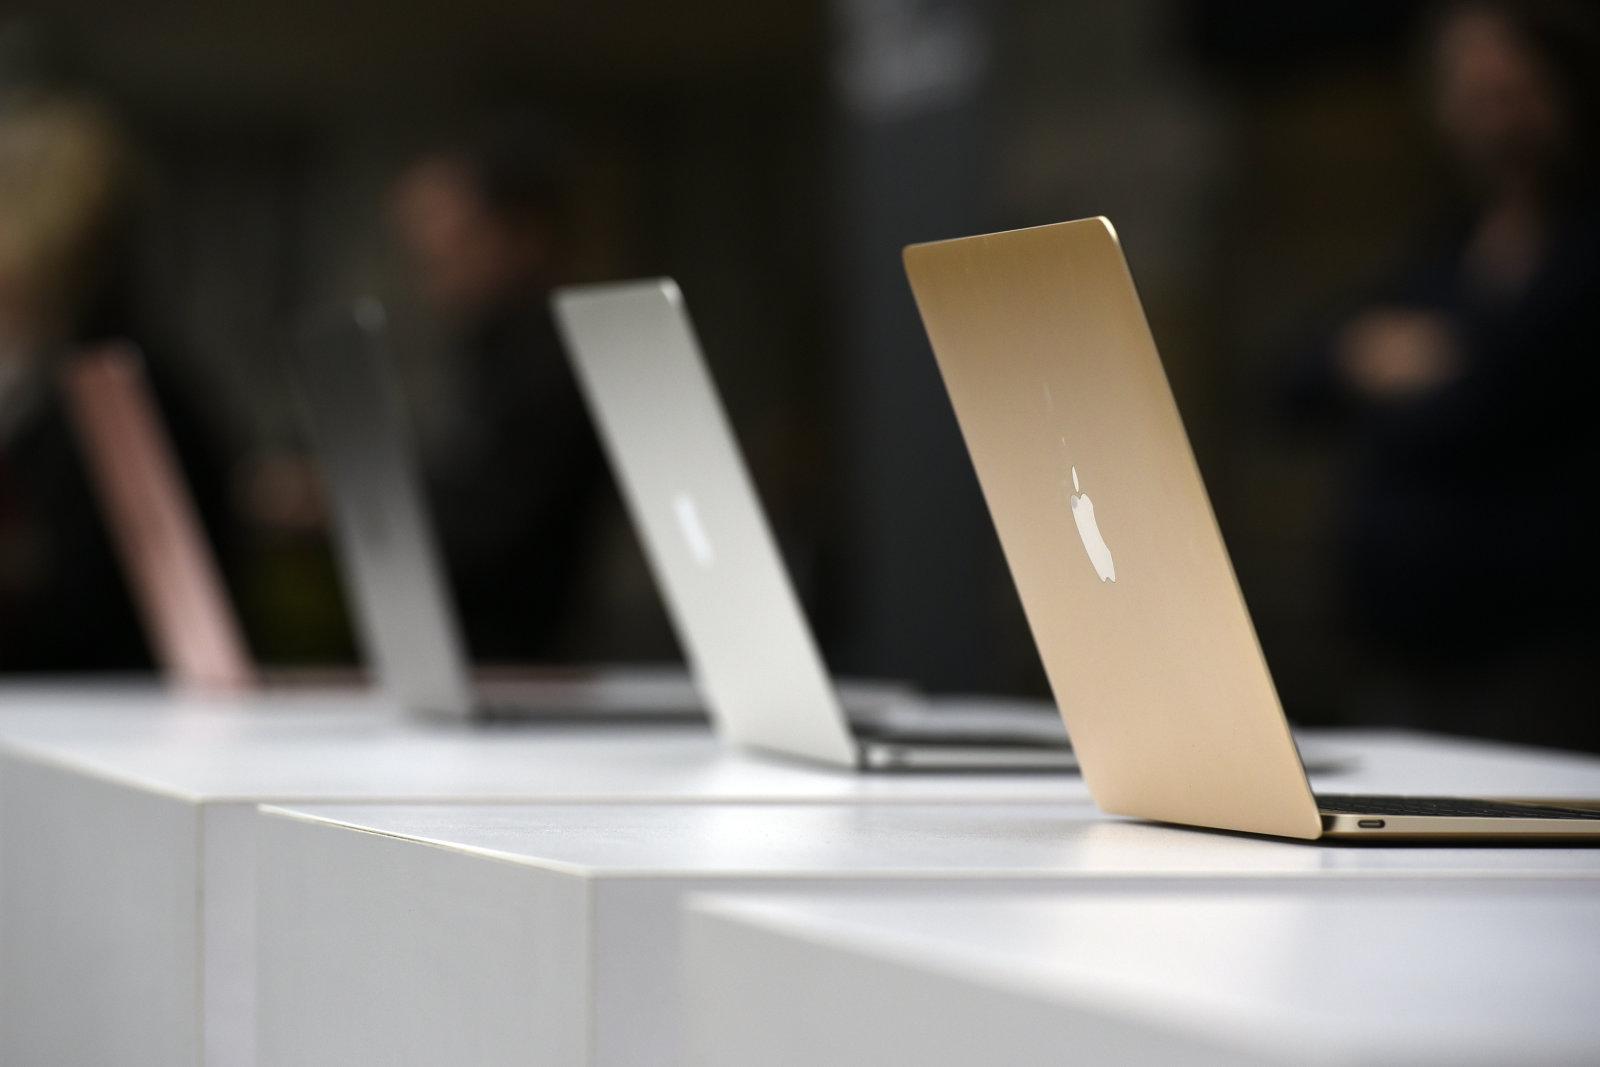 اپل ۲۷ اکتبر (۶ آبان) تنها به معرفی لپتاپ میپردازد